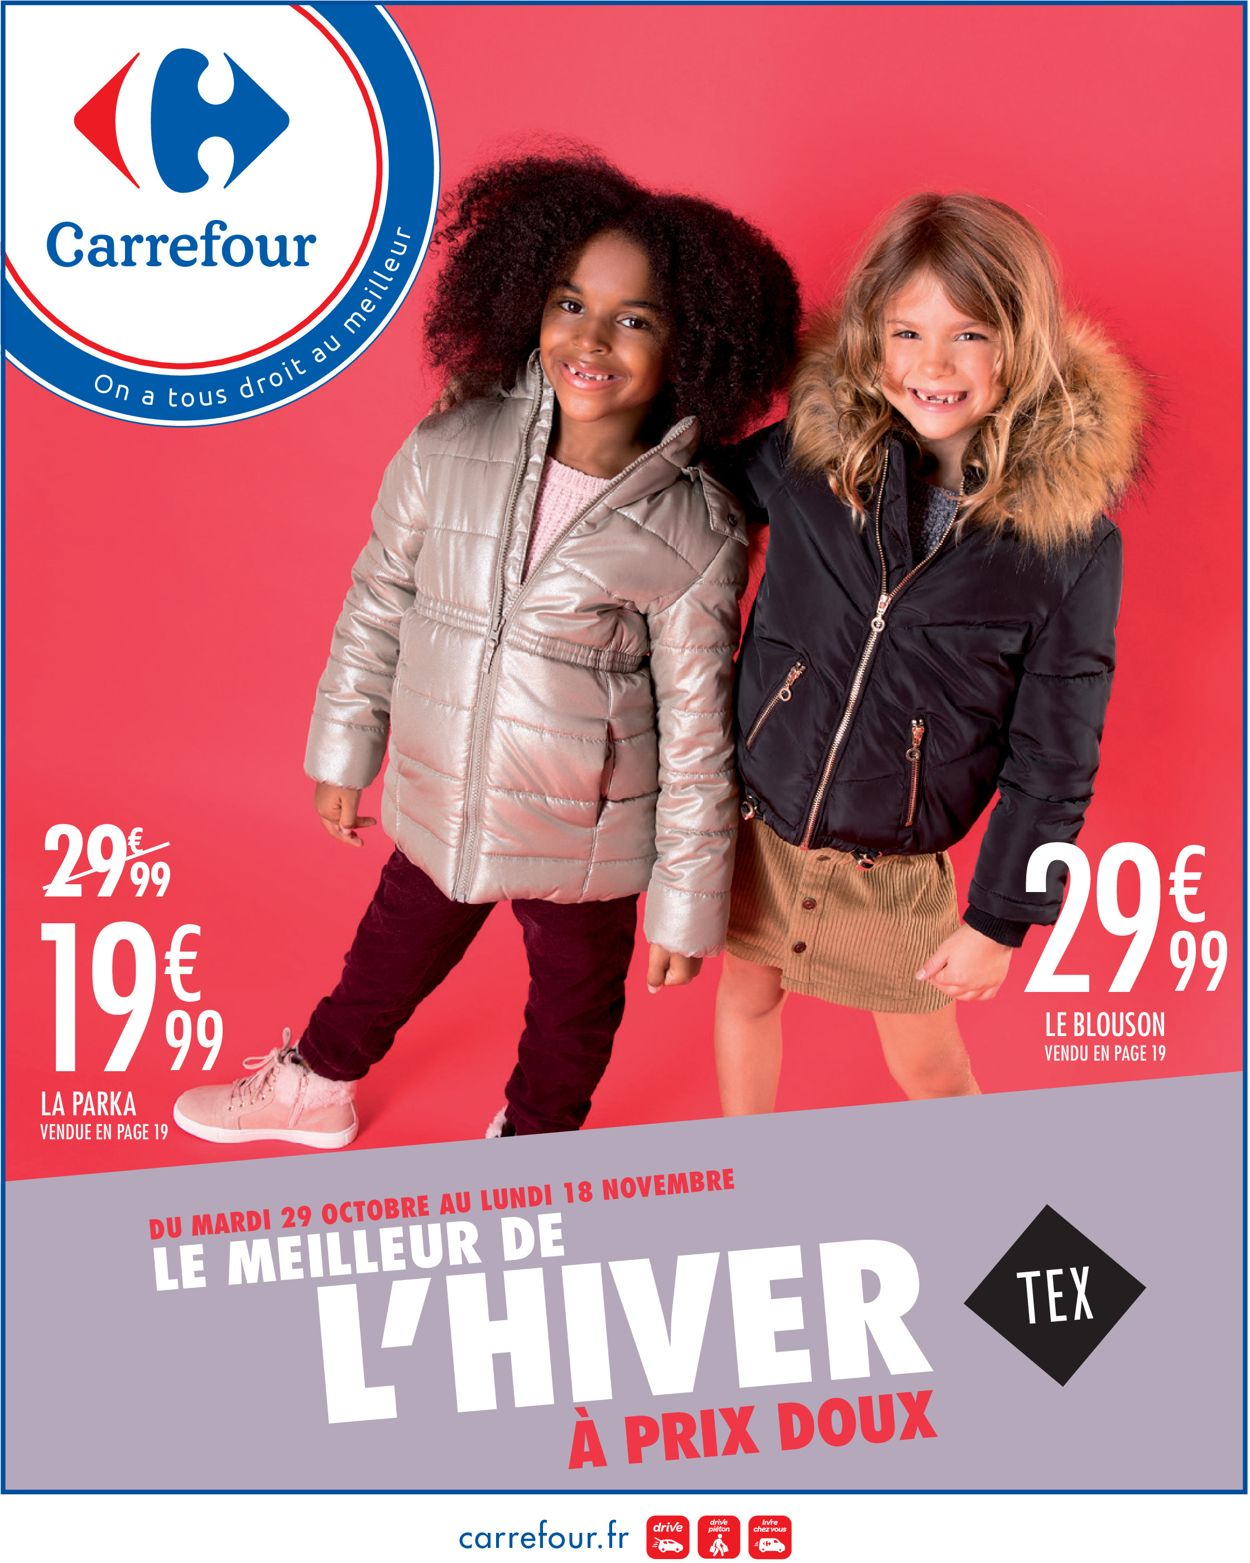 Carrefour Catalogue - 29.10-18.11.2019